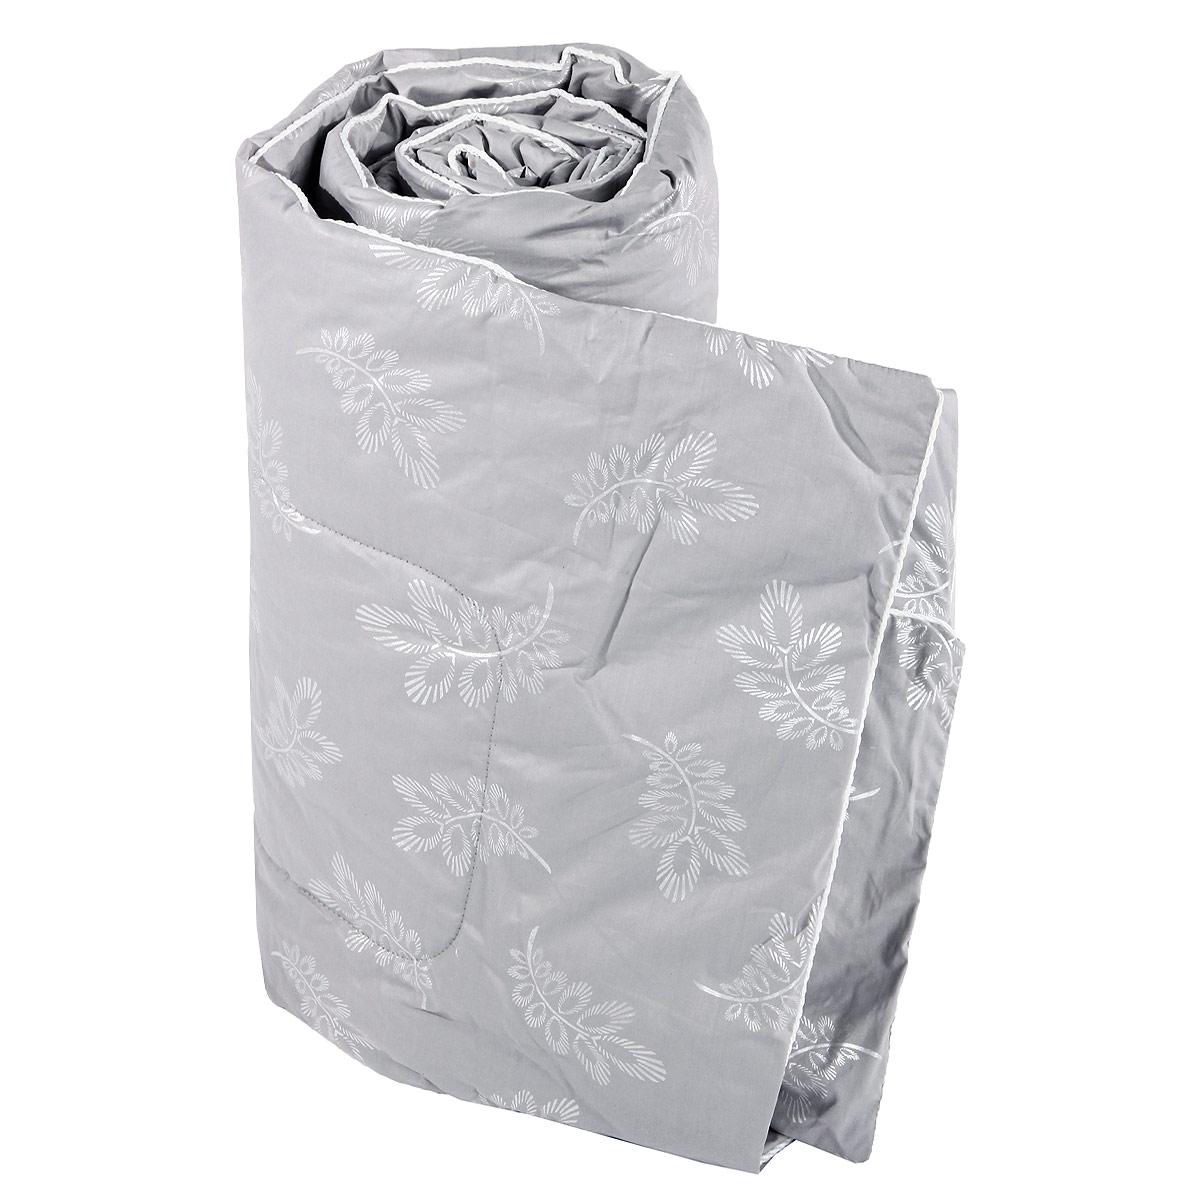 Одеяло Dargez Прима, наполнитель: пух, 140 х 205 см22340ПОдеяло Dargez Прима представляет собой стеганый чехол из натурального хлопка с пуховым наполнителем. Особенности одеяла Dargez Прима: натуральное и экологически чистое; обладает легкостью и уникальными теплозащитными свойствами; создает оптимальный температурный режим; обладает высокой гигроскопичностью: хорошо впитывает и испаряет влагу; имеет высокою воздухопроницаемостью: позволяет телу дышать; обладает мягкостью и объемом. Одеяло упаковано в прозрачный пластиковый чехол на молнии с ручкой, что является чрезвычайно удобным при переноске. Характеристики: Материал чехла: 100% хлопок (перкаль). Наполнитель: пух первой категории. Размер: 140 см х 205 см. Масса наполнителя: 0,5 кг. Артикул: 22340П. Торговый Дом Даргез был образован в 1991 году на базе нескольких компаний, занимавшихся производством и продажей постельных принадлежностей и поставками за рубеж пухоперового сырья. Благодаря...